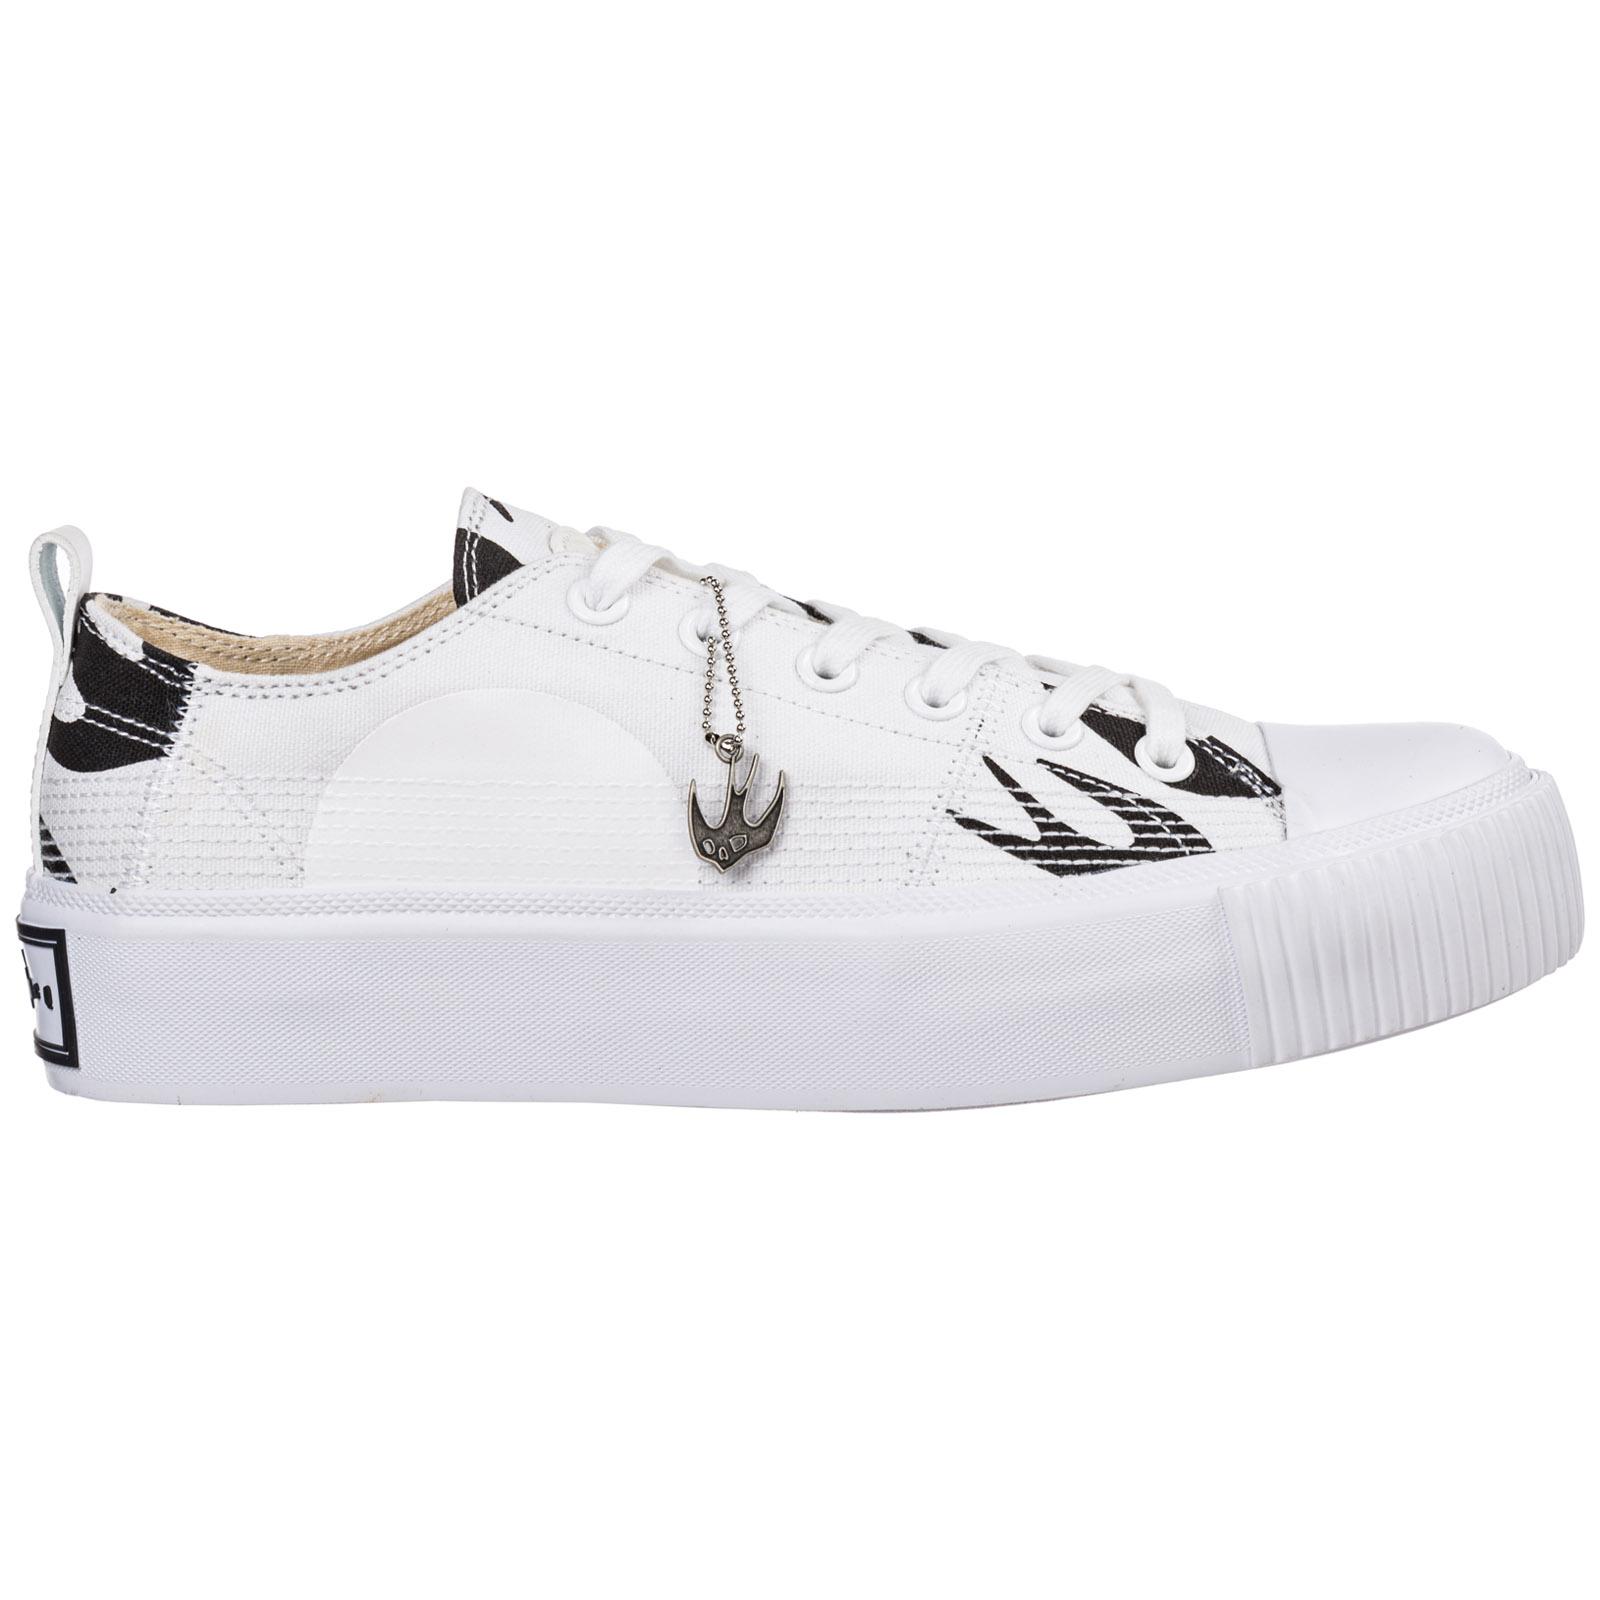 premium selection 1da16 eb5b7 Men's shoes trainers sneakers plimsoll platform